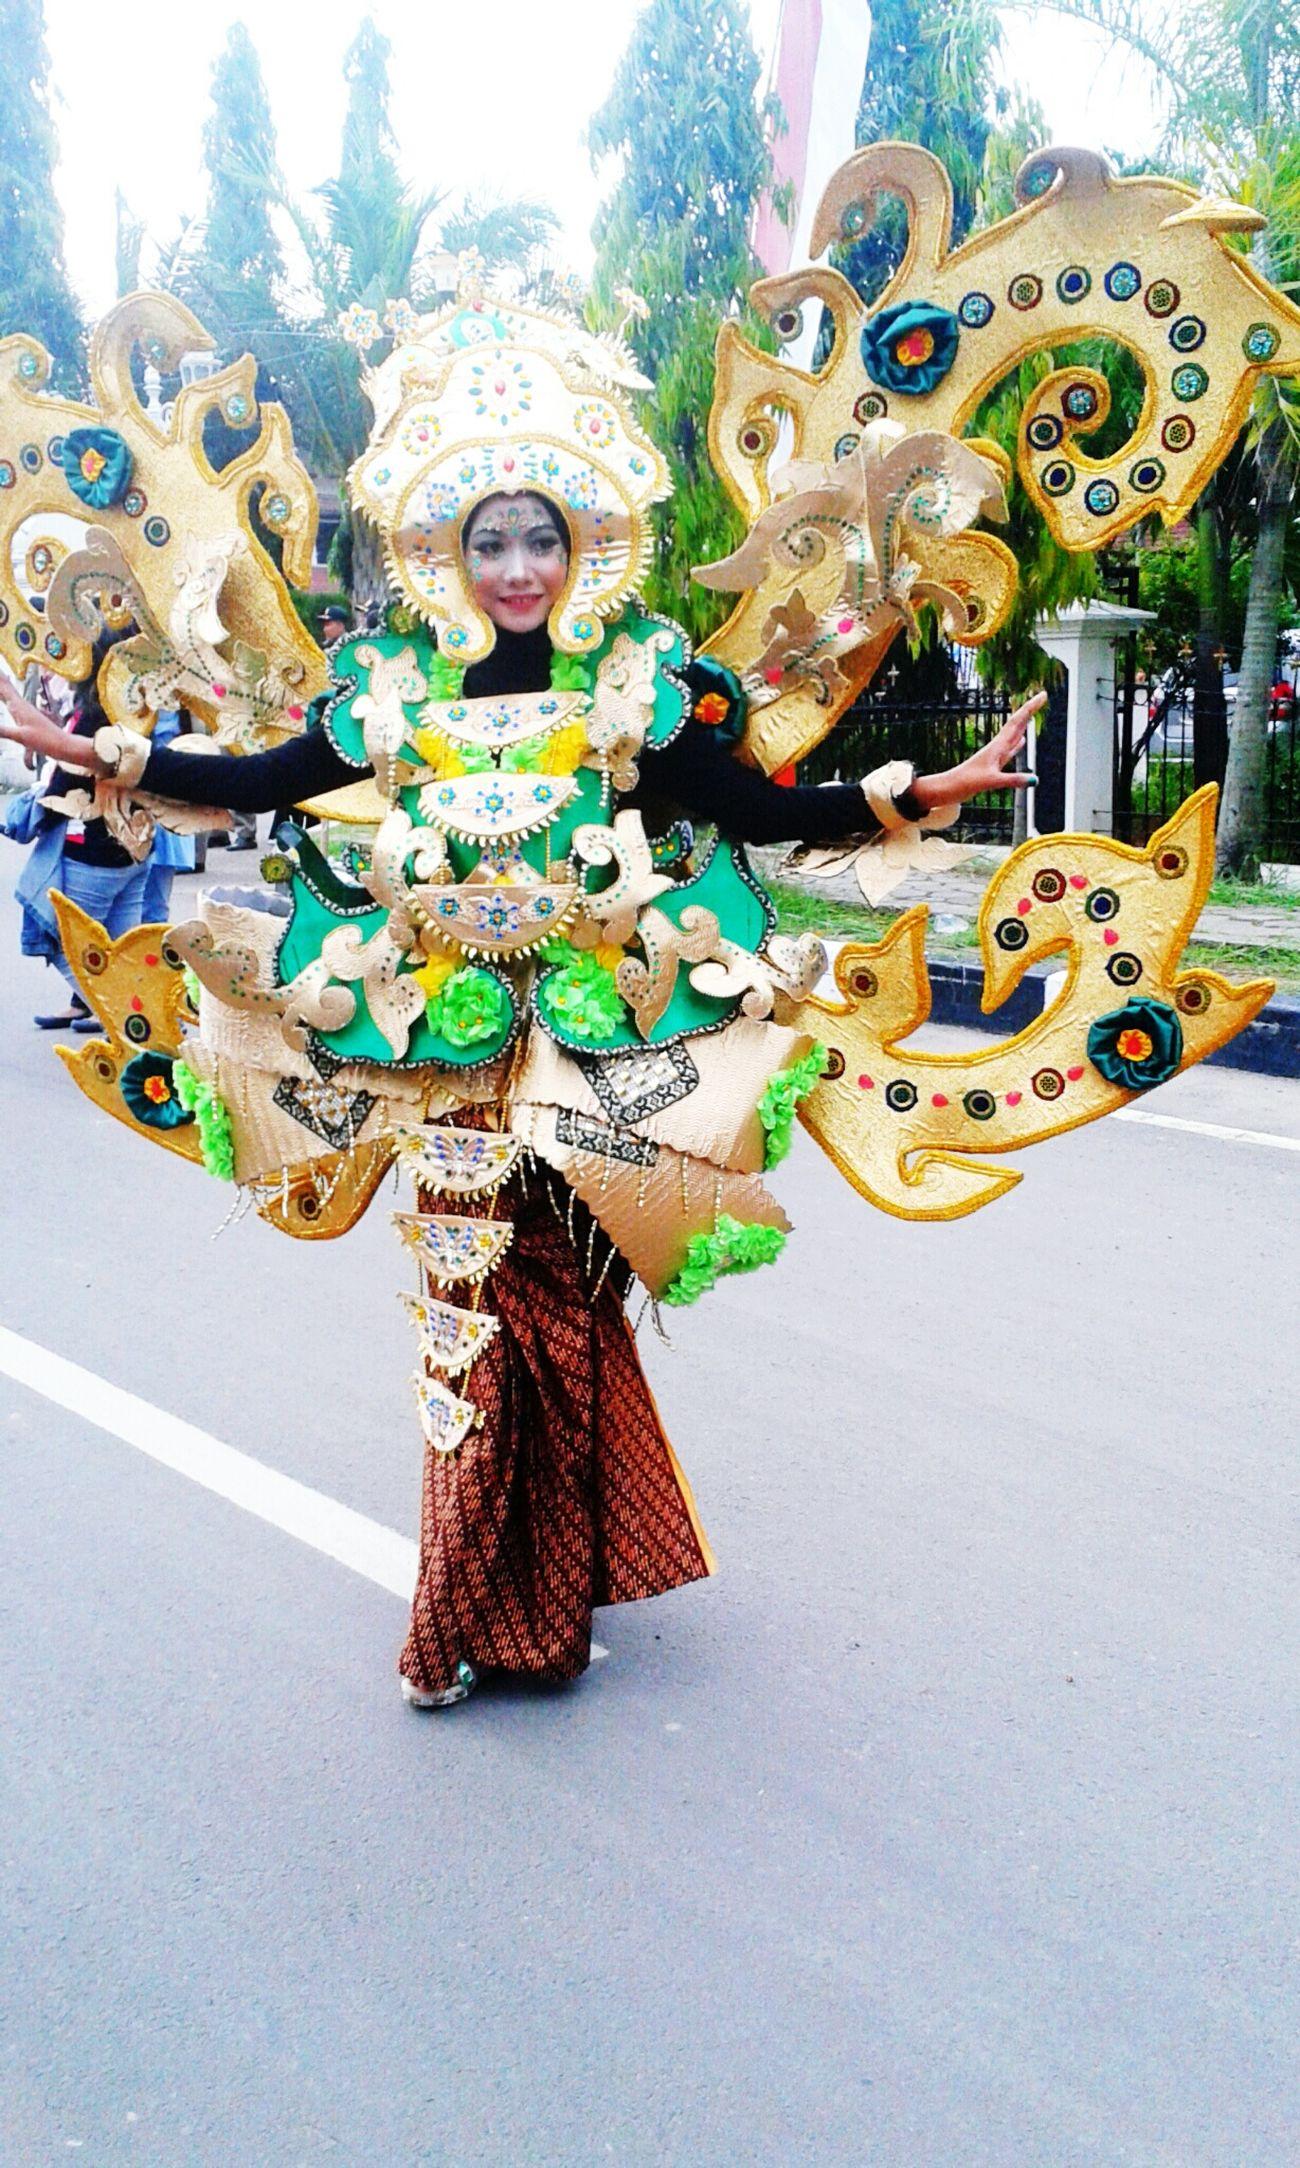 Festival Of Krakatau Latepost Jawatengah That's Me